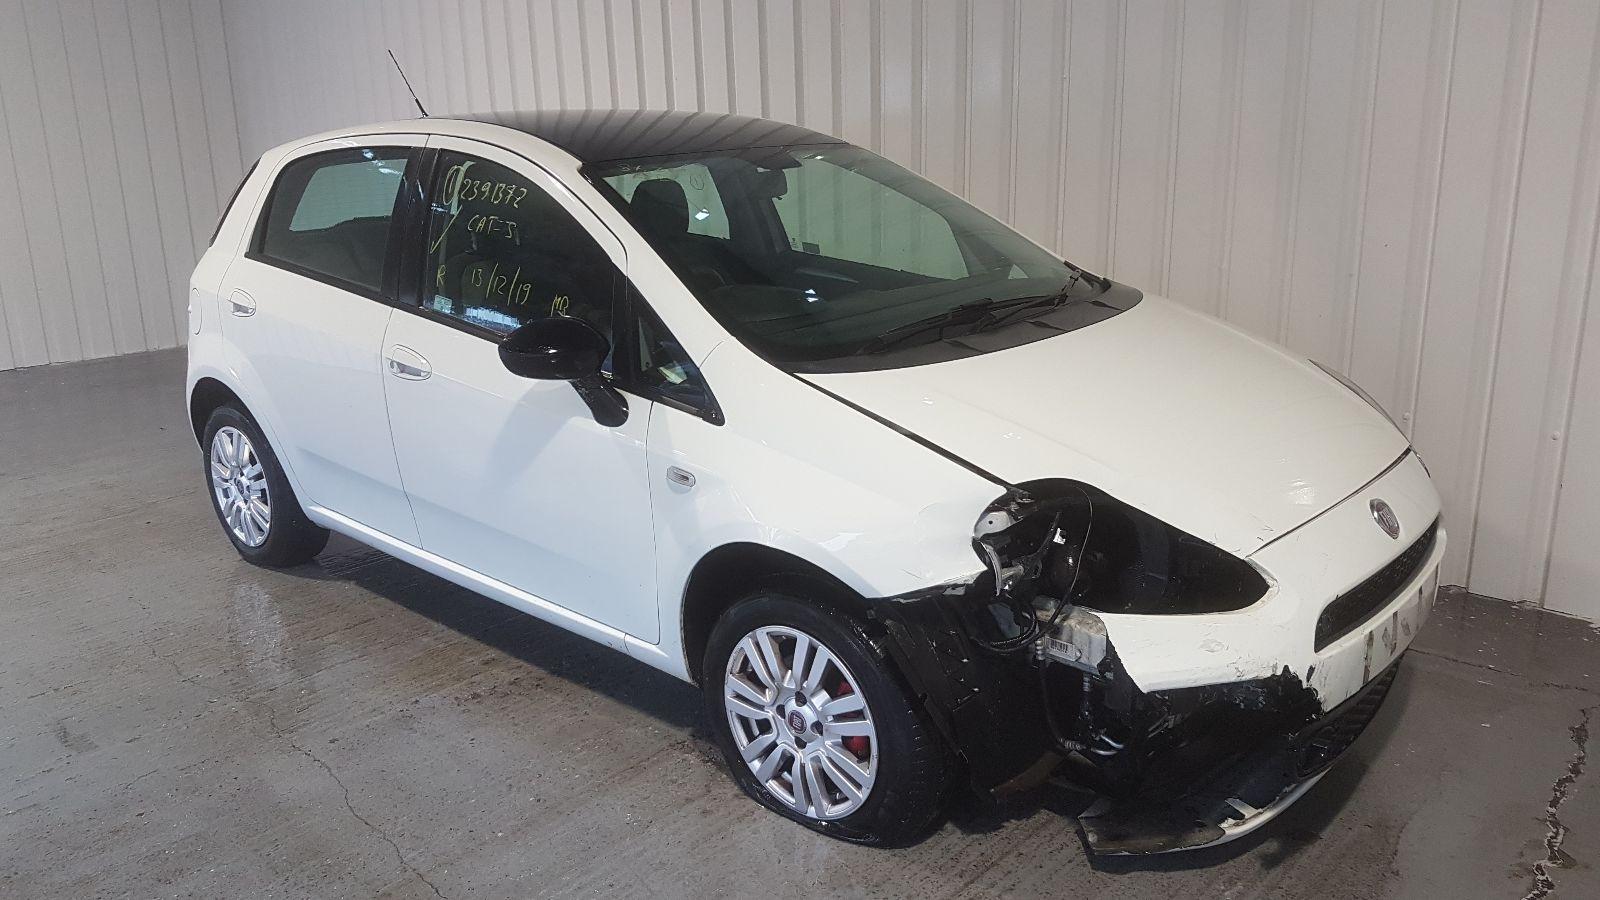 Image for a Fiat Punto 2012 5 Door Hatchback